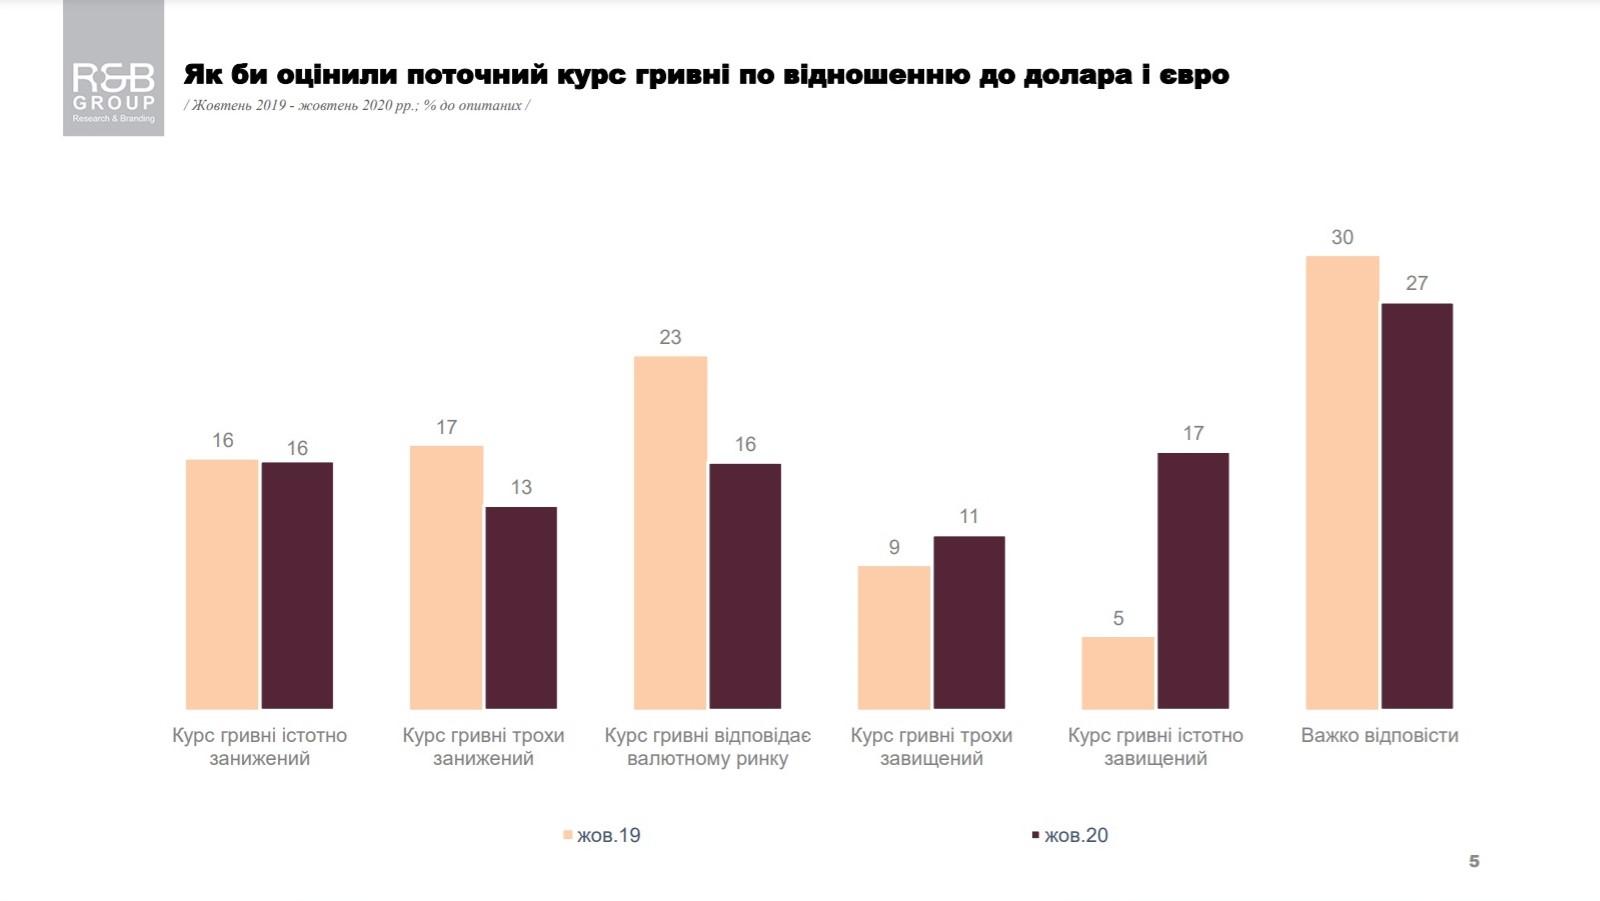 Результаты опроса - как украинцы оценивают текущий курс гривны по отношению к доллару и евро